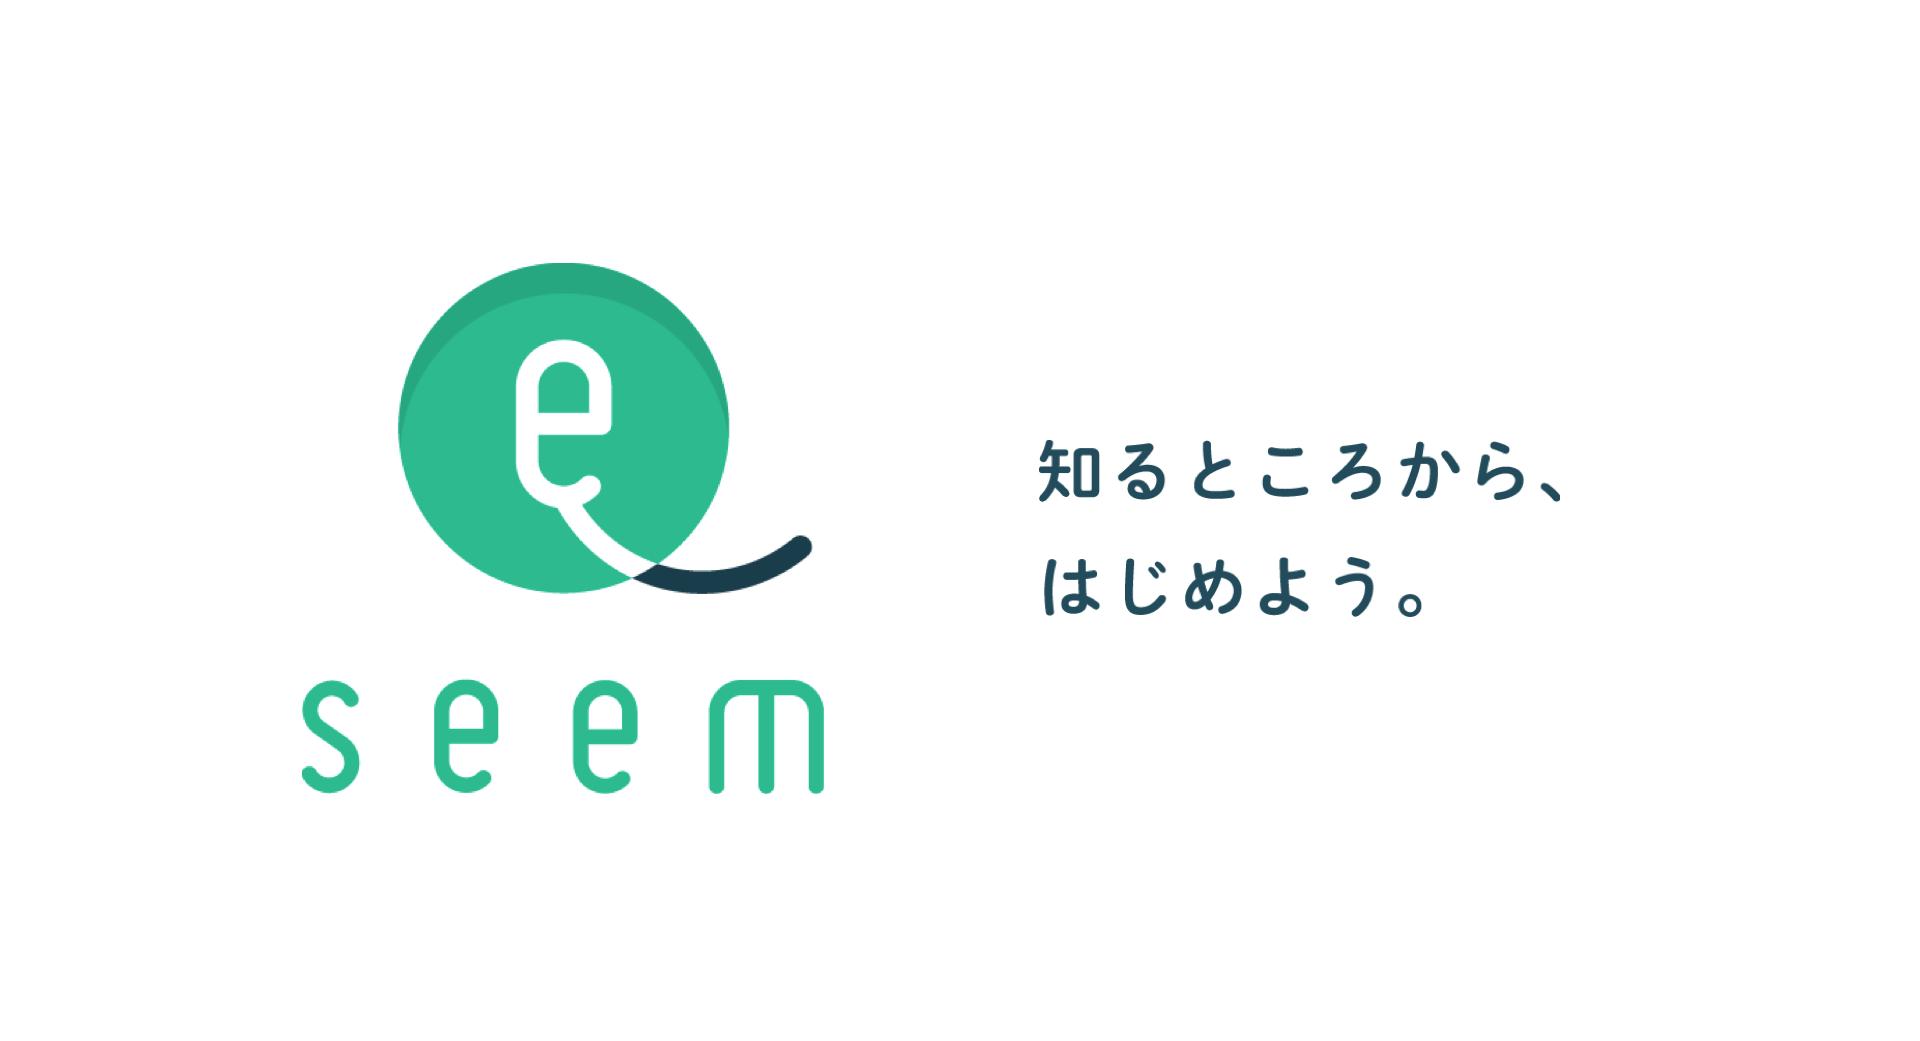 スクリーンショット 2018-11-01 11.49.52